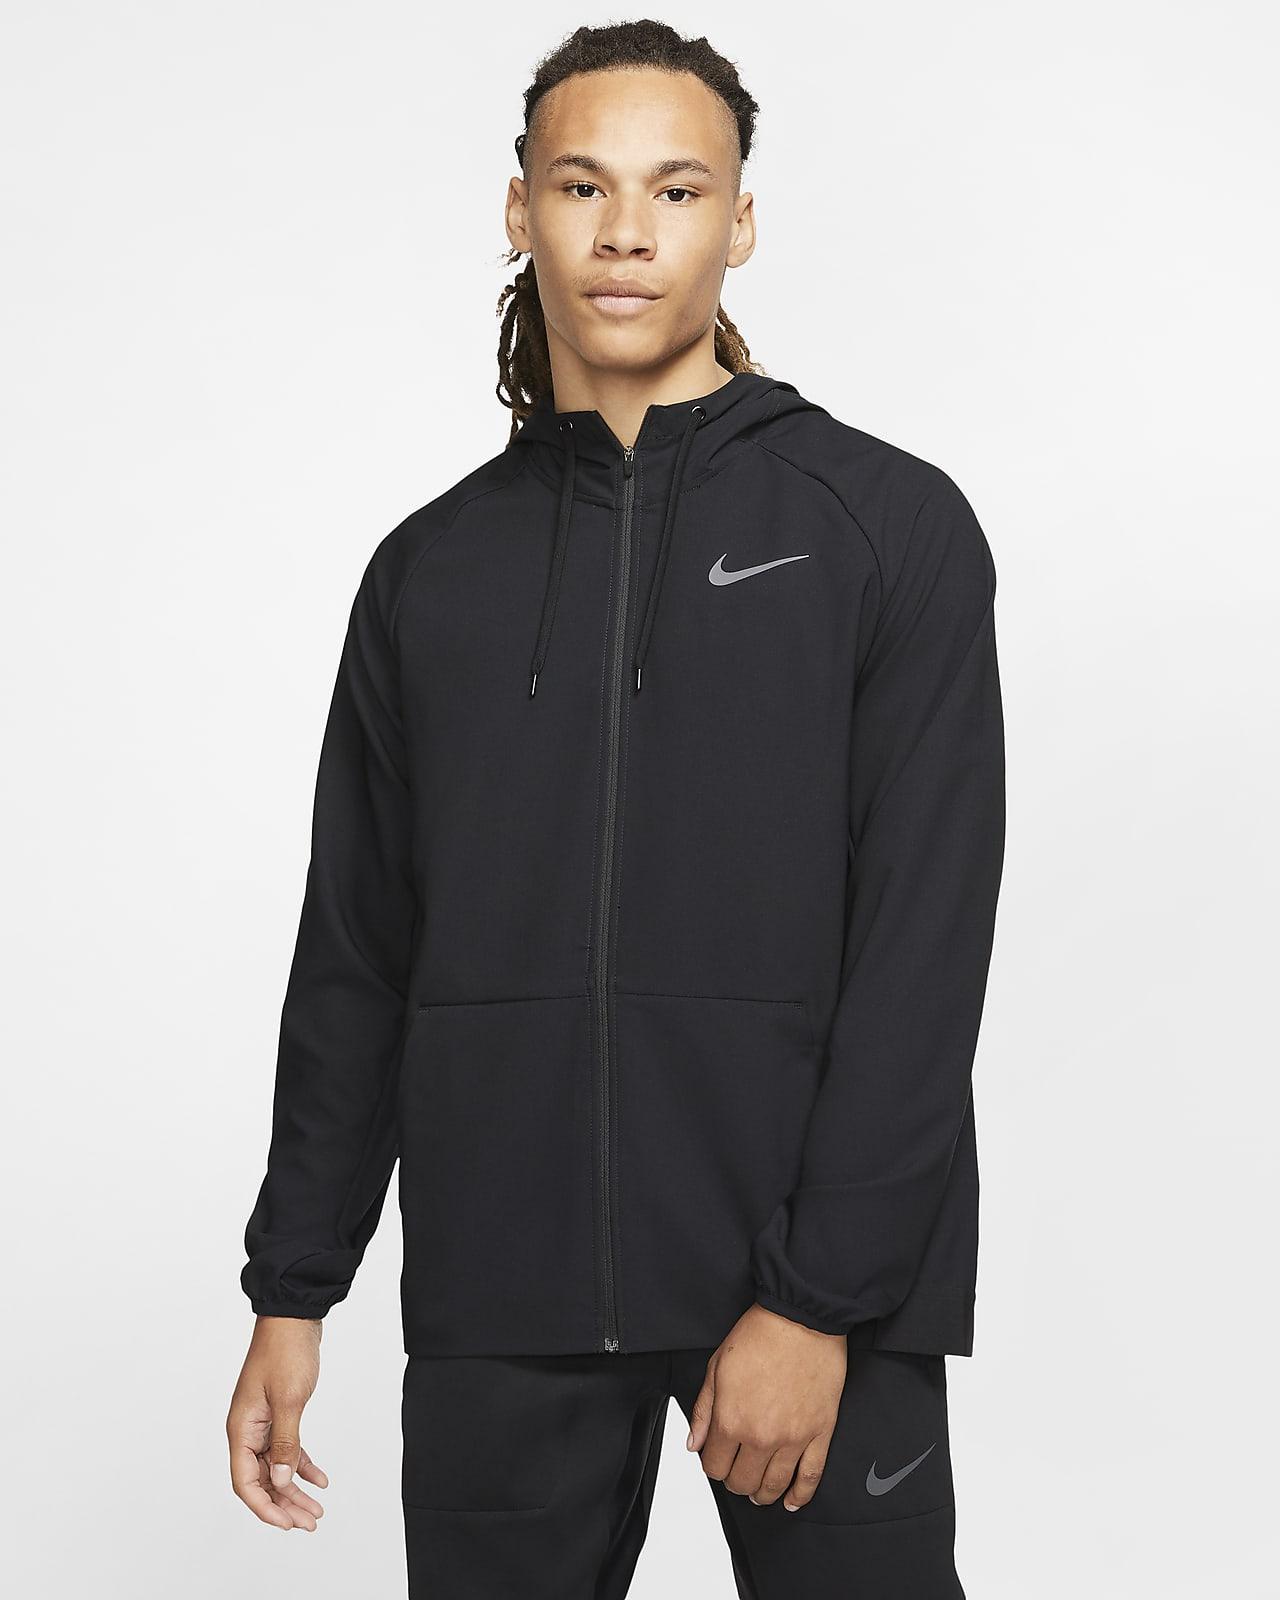 Veste de training à zip Nike Flex pour Homme